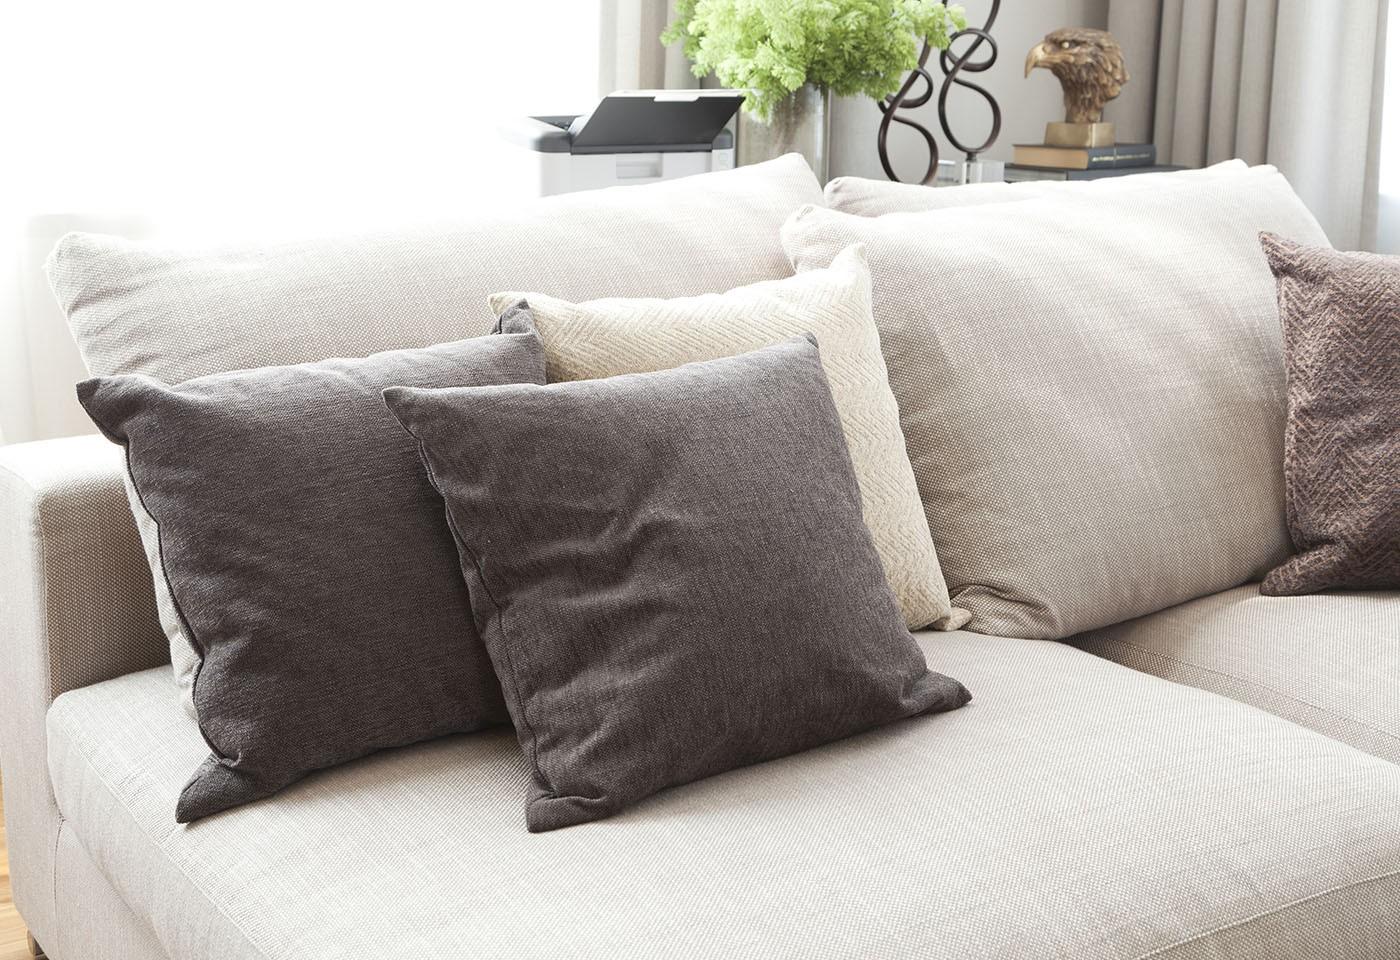 Rinnovare Divano In Tessuto consigli per la cura dei materiali: pulizia dei divani in stoffa